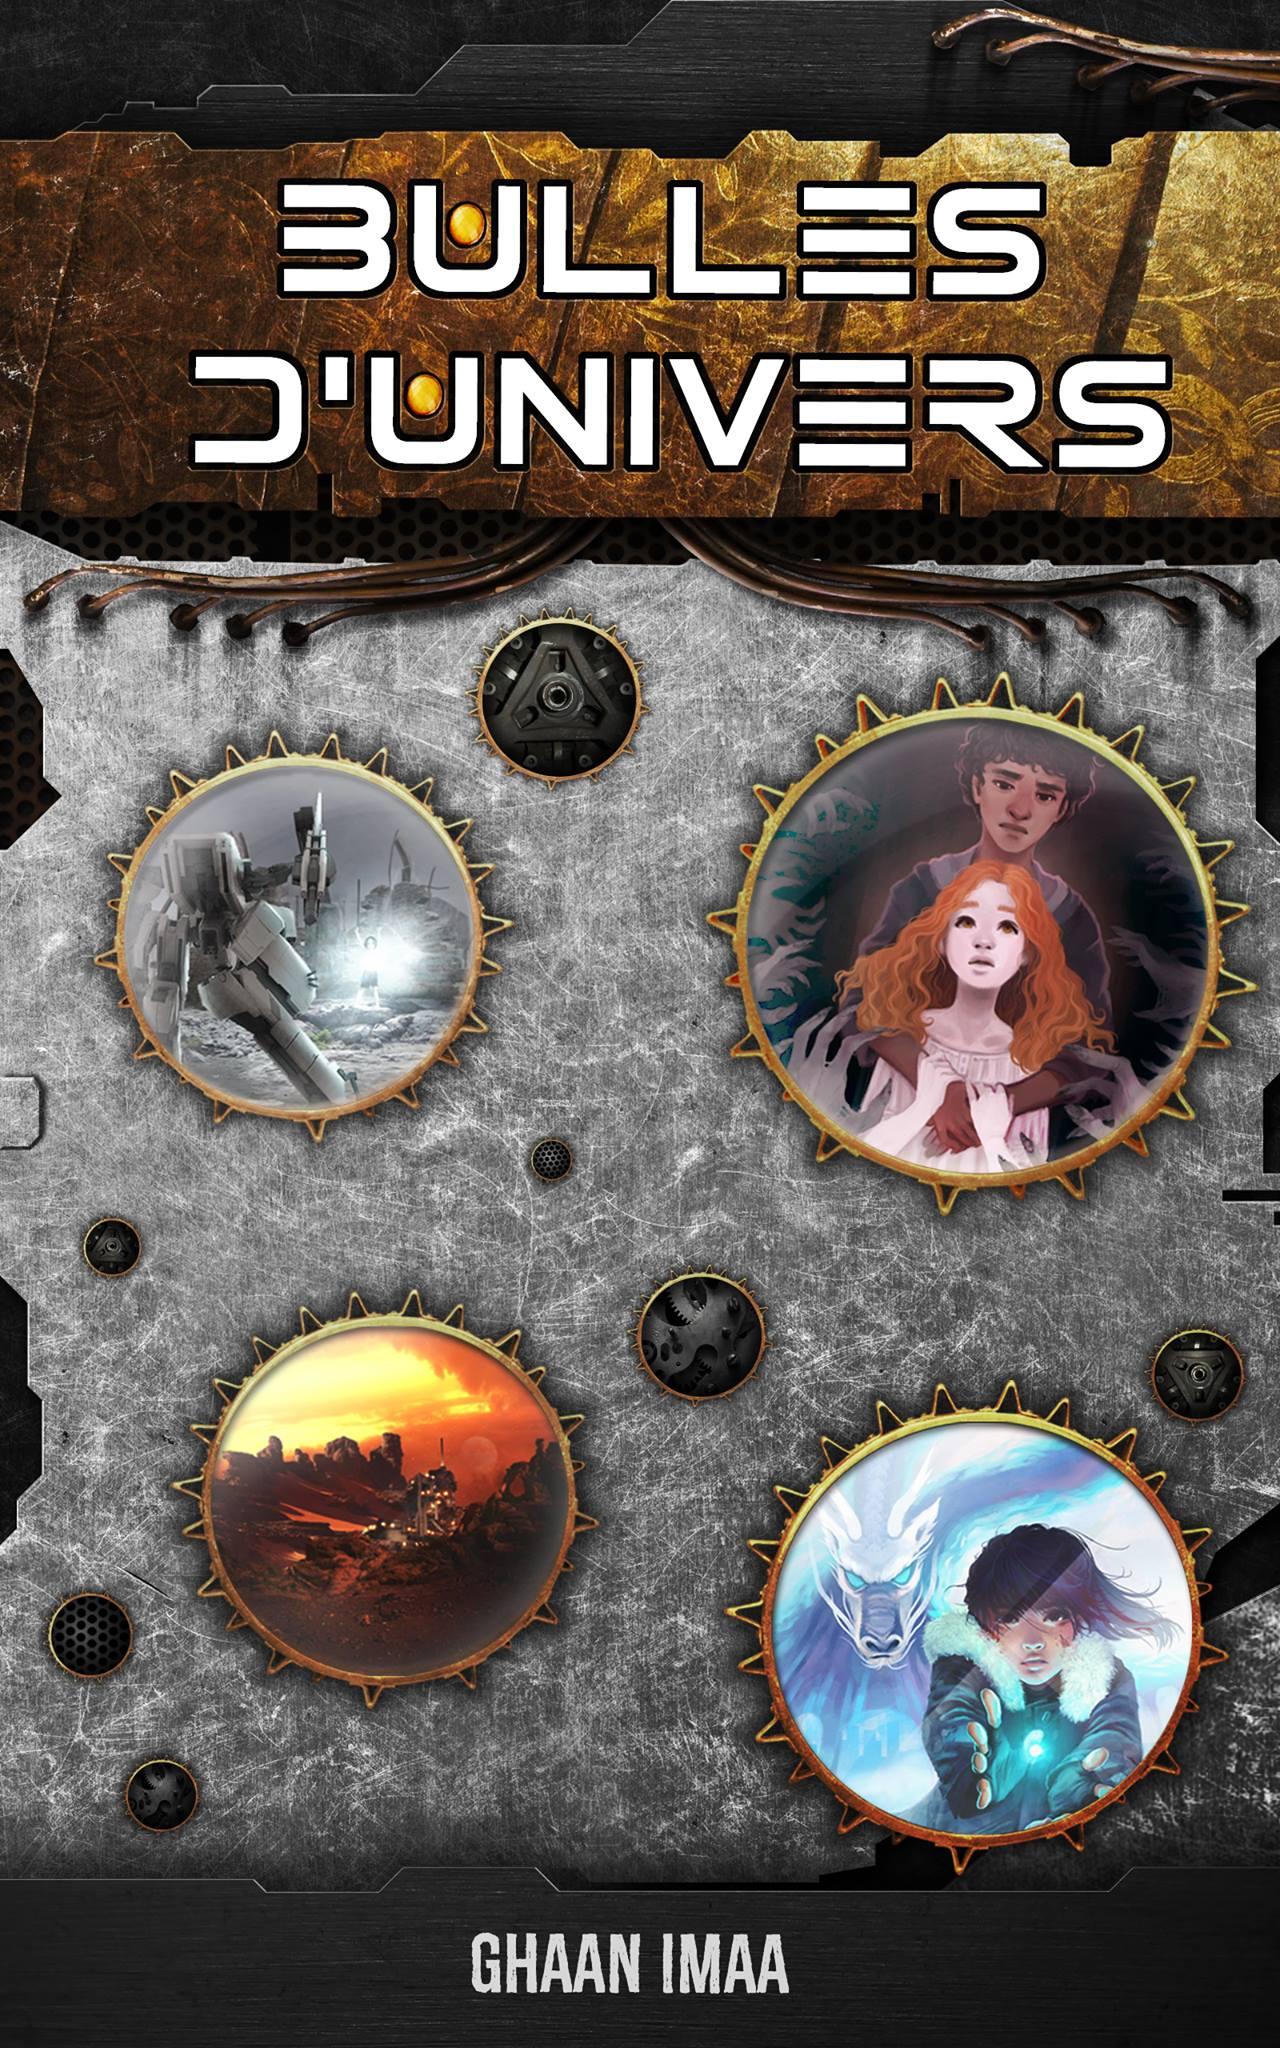 couverture du recueil bulles d'univers avec un effet steampunk de métal brossé et des bulles avec des personnages